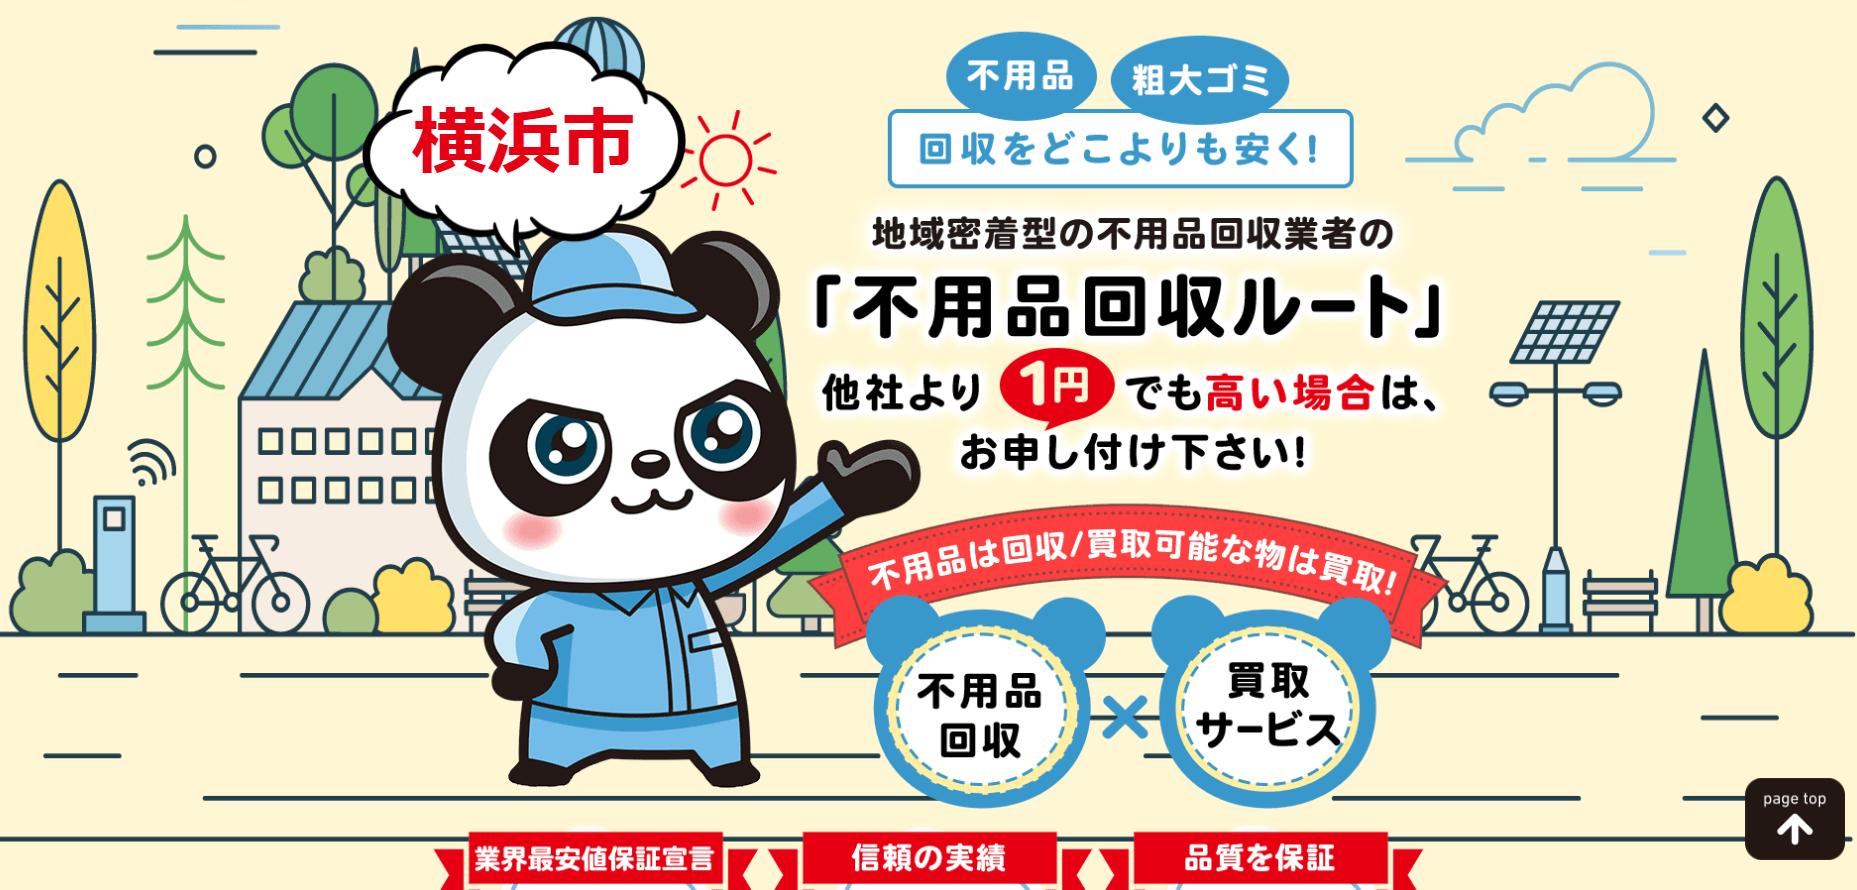 https://www.pvjapan.org/kanagawa/yokohamashi/